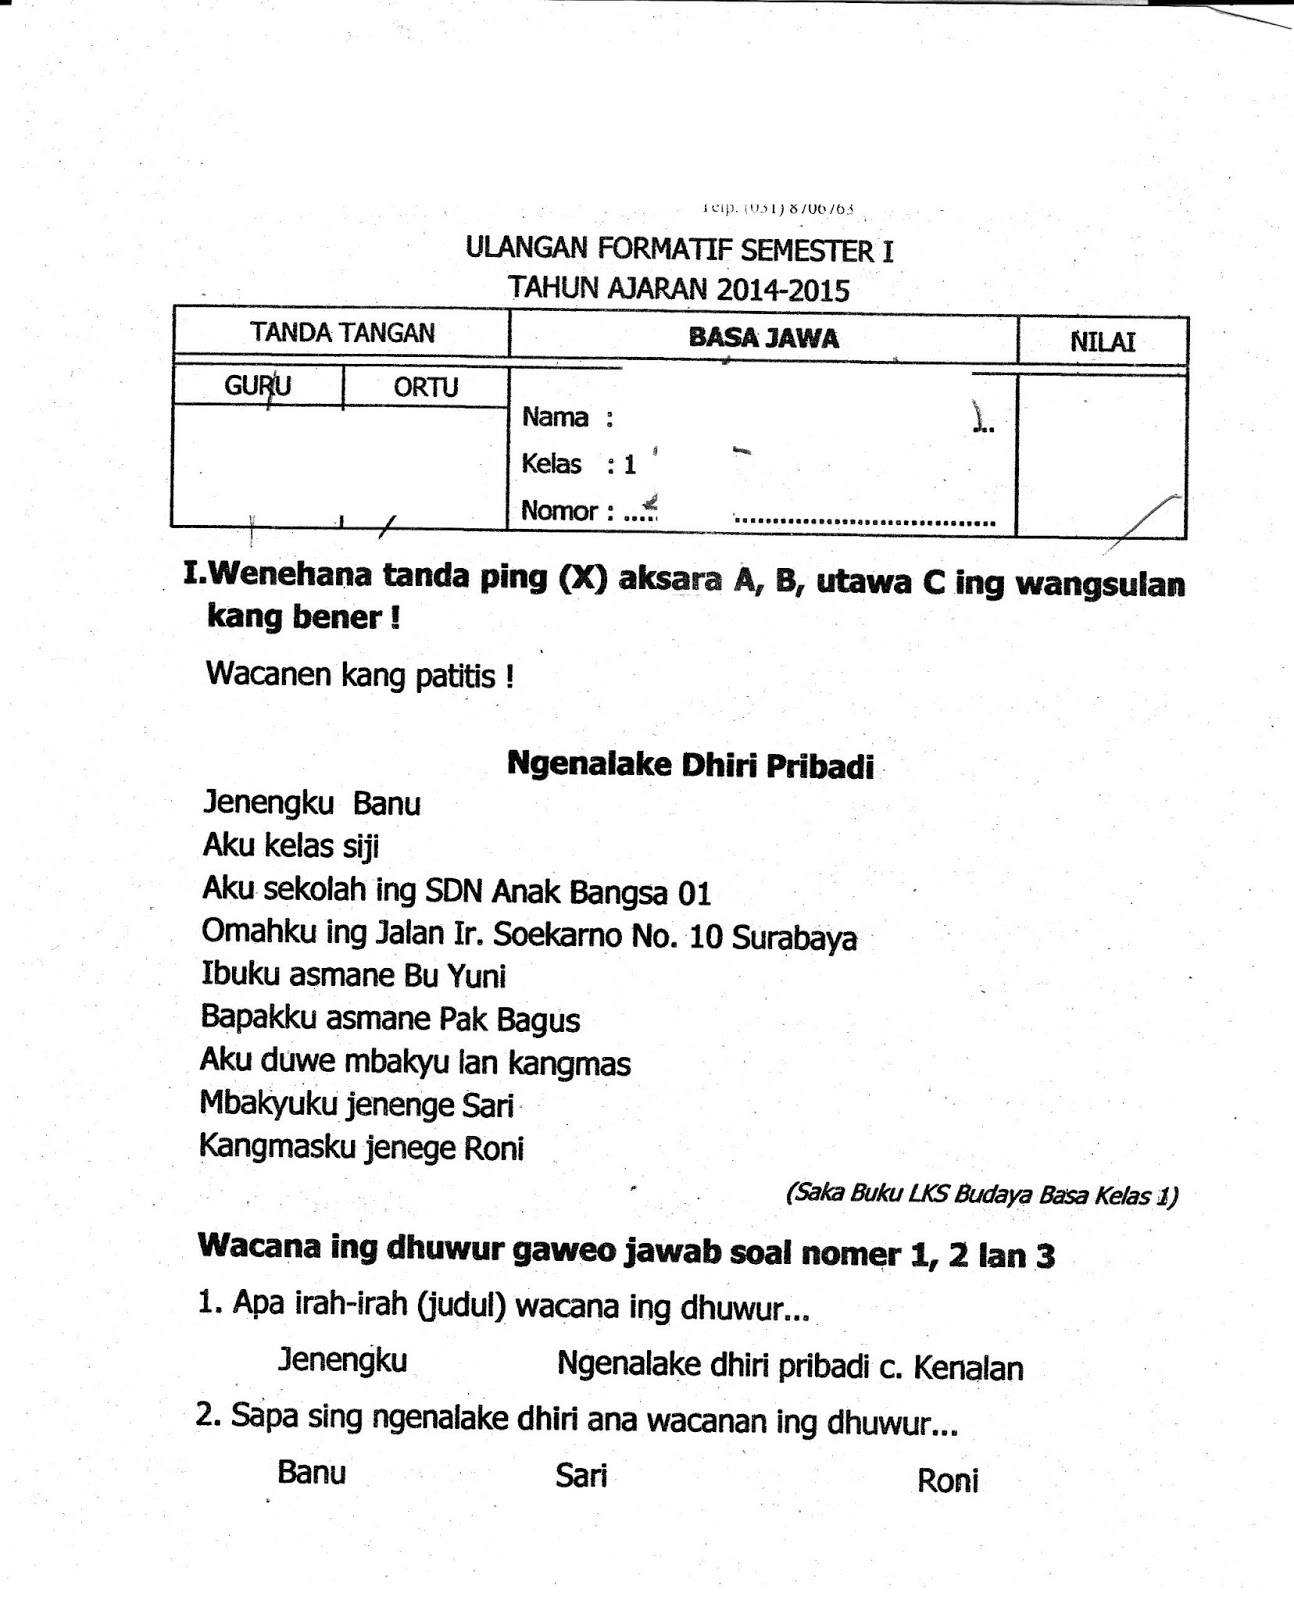 Materi Bahasa Jawa Kelas 9 Semester 1 Kurikulum 2013 Ilmusosial Id